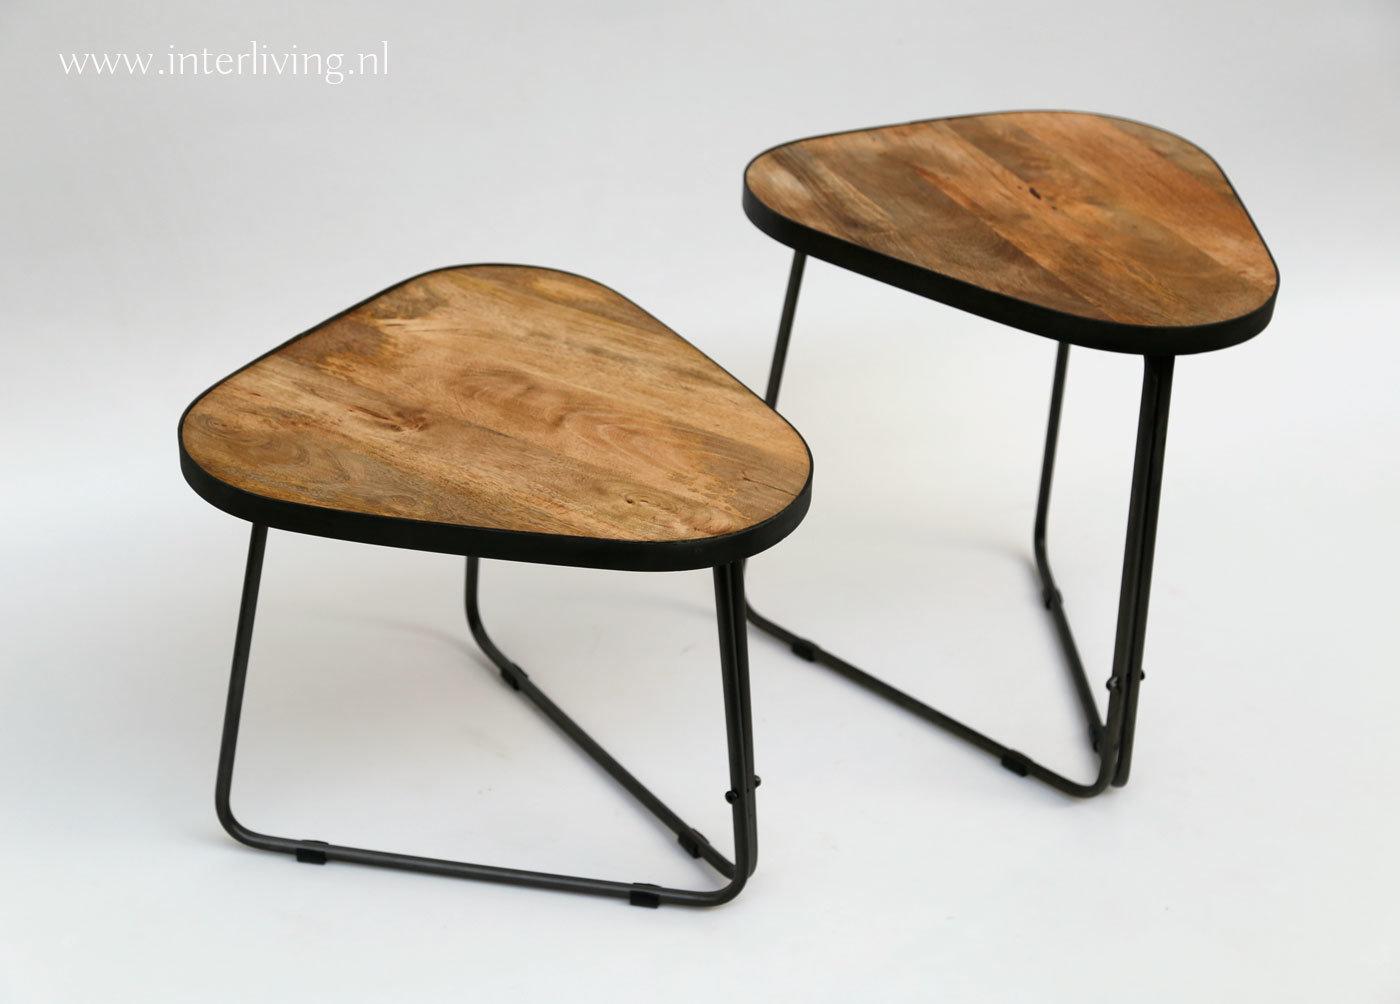 Rond Driepoot Tafeltje.Industriele Driepoot Bijzettafels Set Van Twee Retro Tafeltjes Mangohout Met Metalen Frame